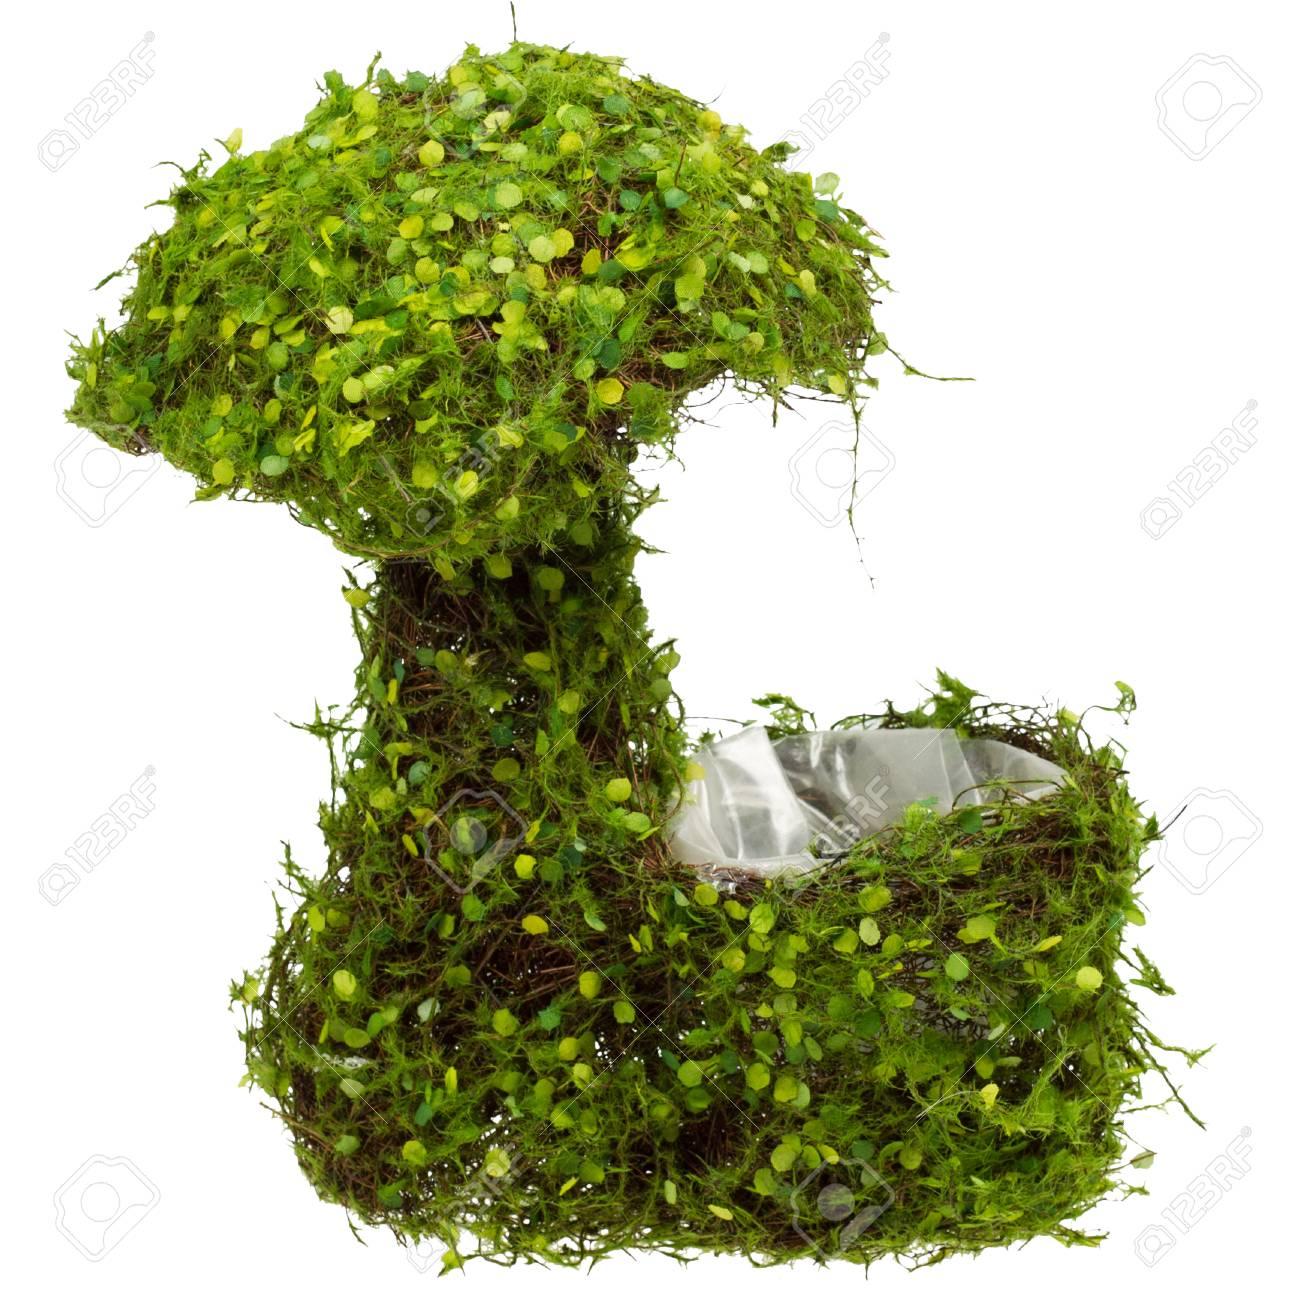 Gros Pot Fleur Plastique gros pot de fleur en osier de forme de champignon décoratif avec l'herbe  verte à l'extérieur et un sac en plastique à l'intérieur. isolé sur blanc.